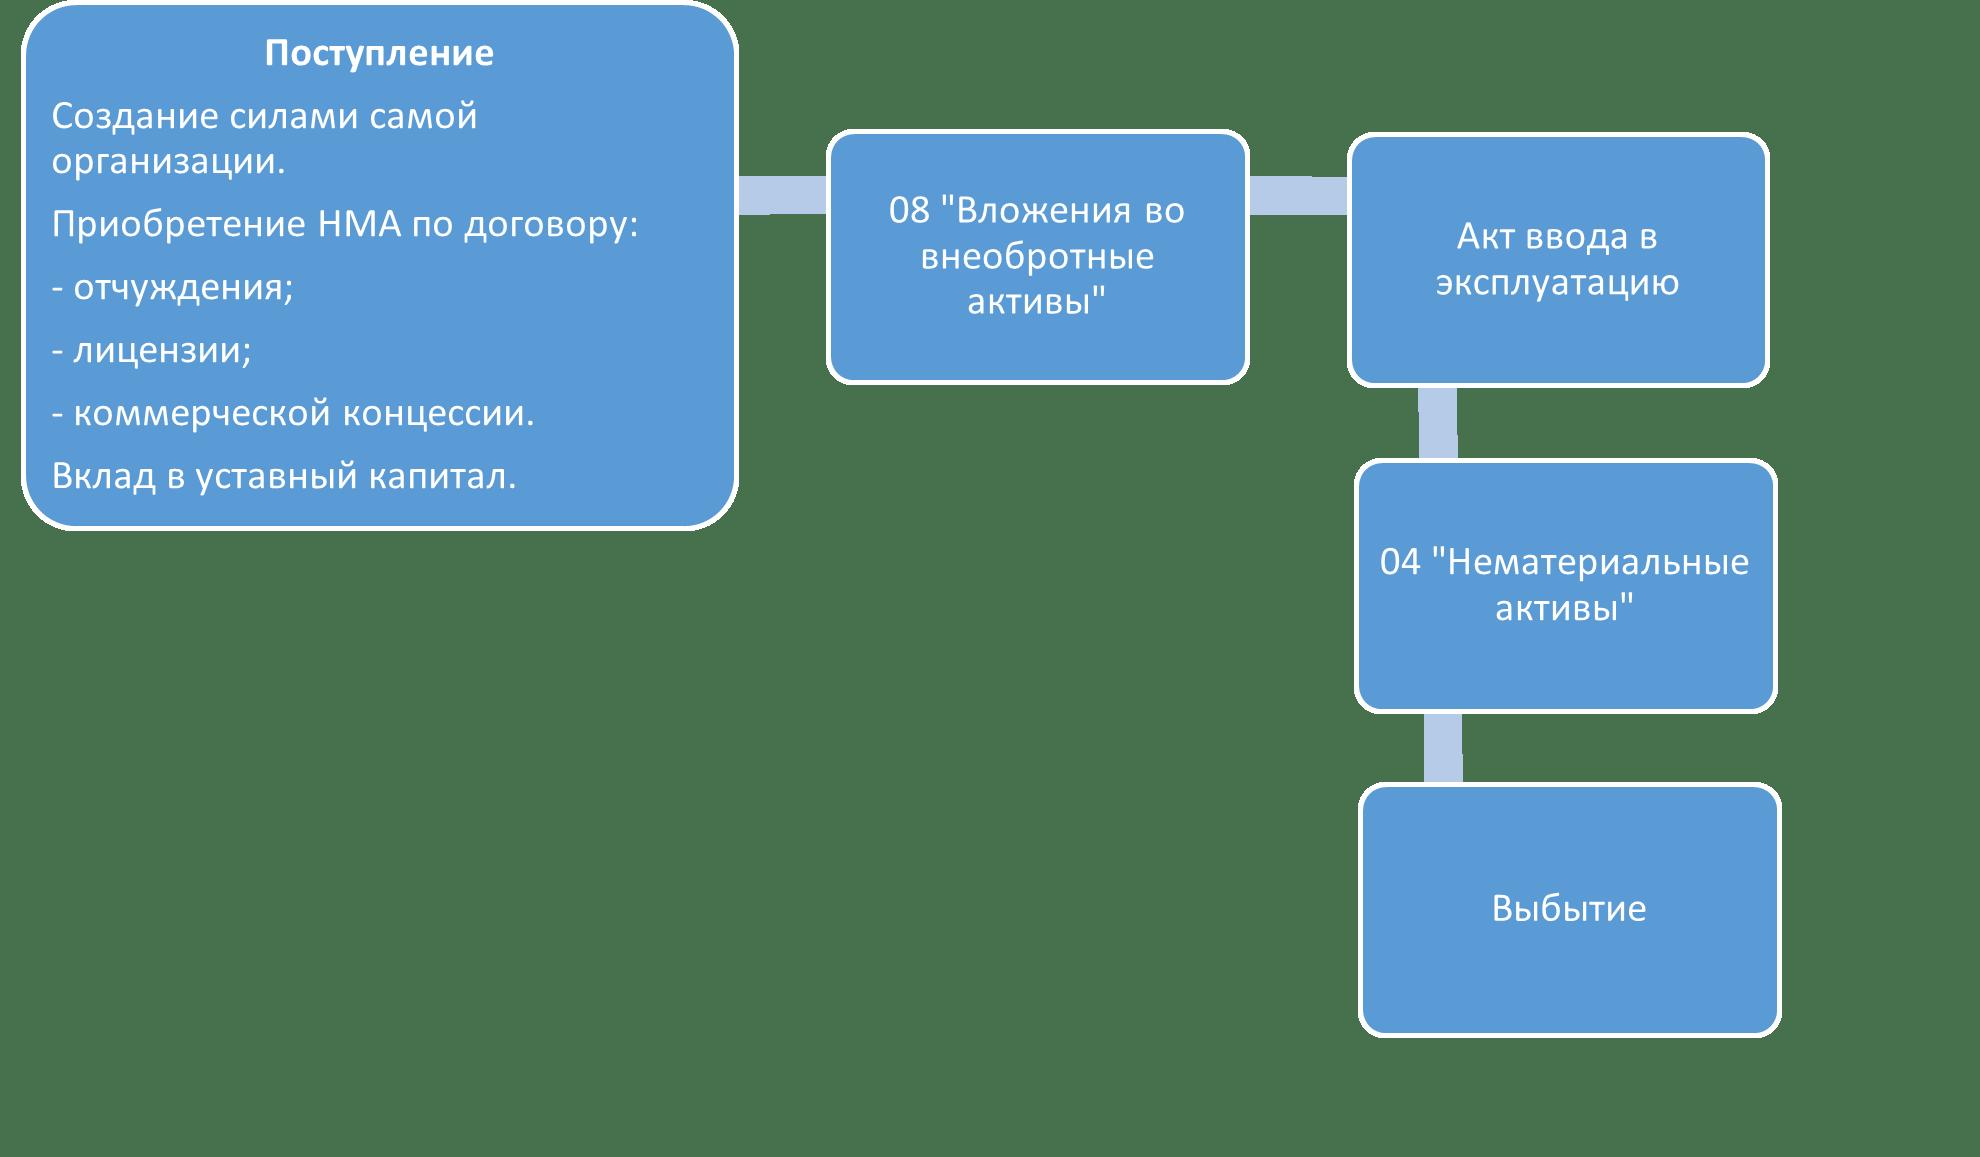 Схема бухгалтерского учета для товарных знаков